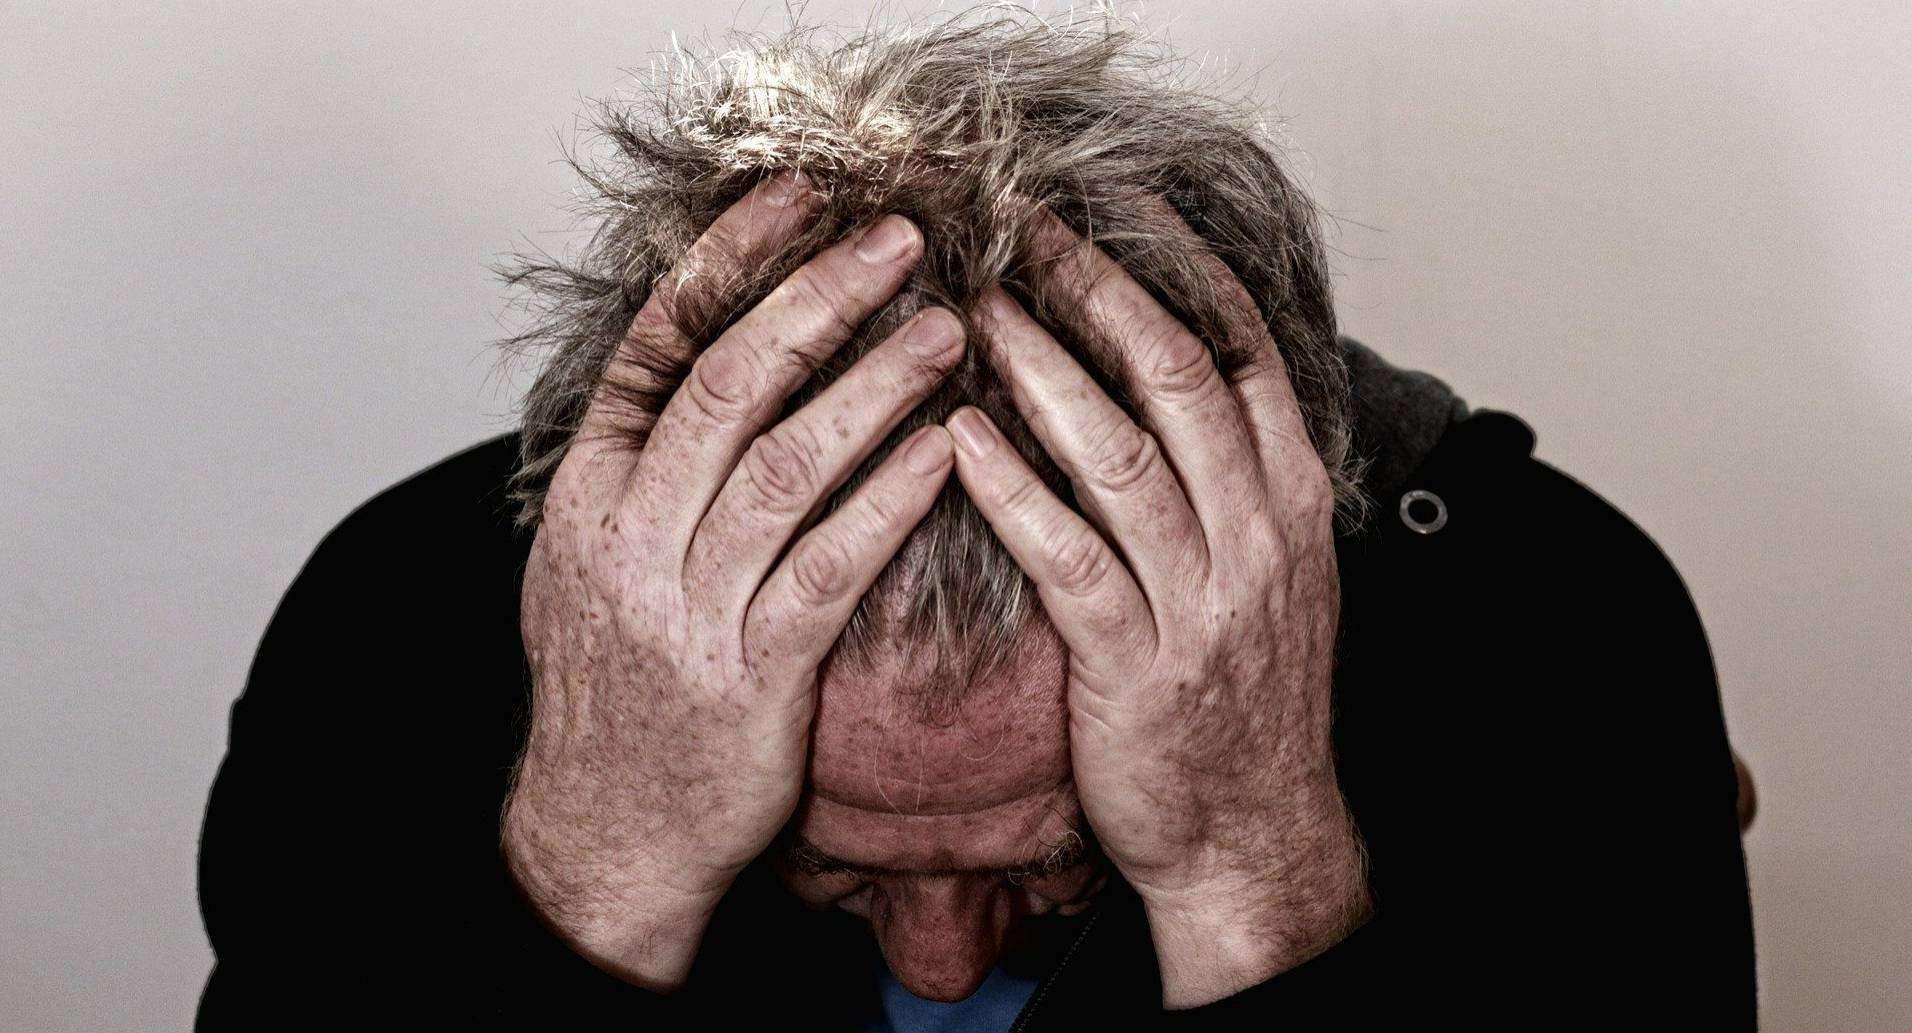 Clusterkopfschmerzen gehören zu den stärksten Schmerzen, von denen man betroffen sein kann. Foto: Gerd Altmann auf Pixabay